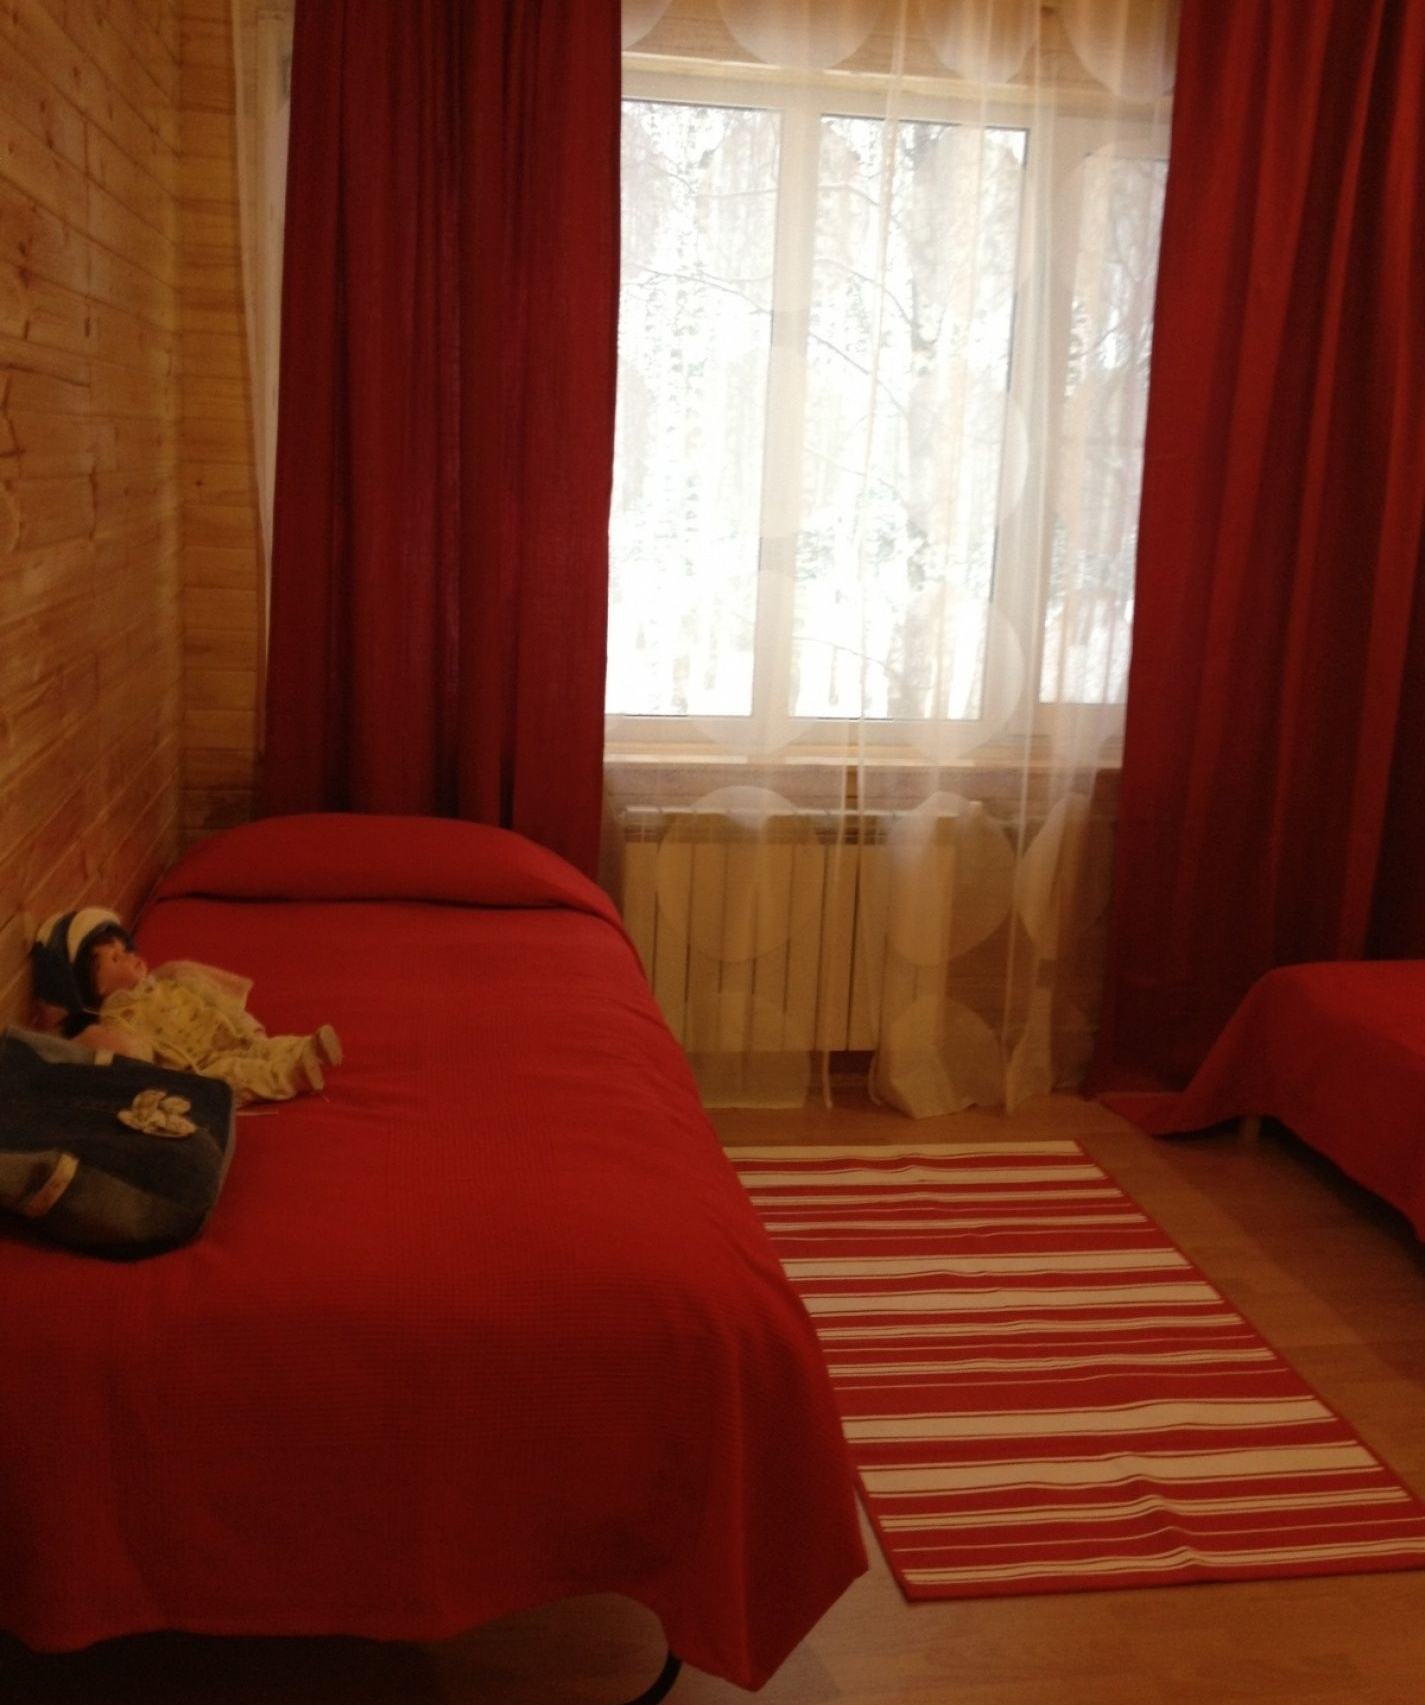 База отдыха «Хаски-хаус» Нижегородская область Номер «Стандарт» 2-местный, фото 3